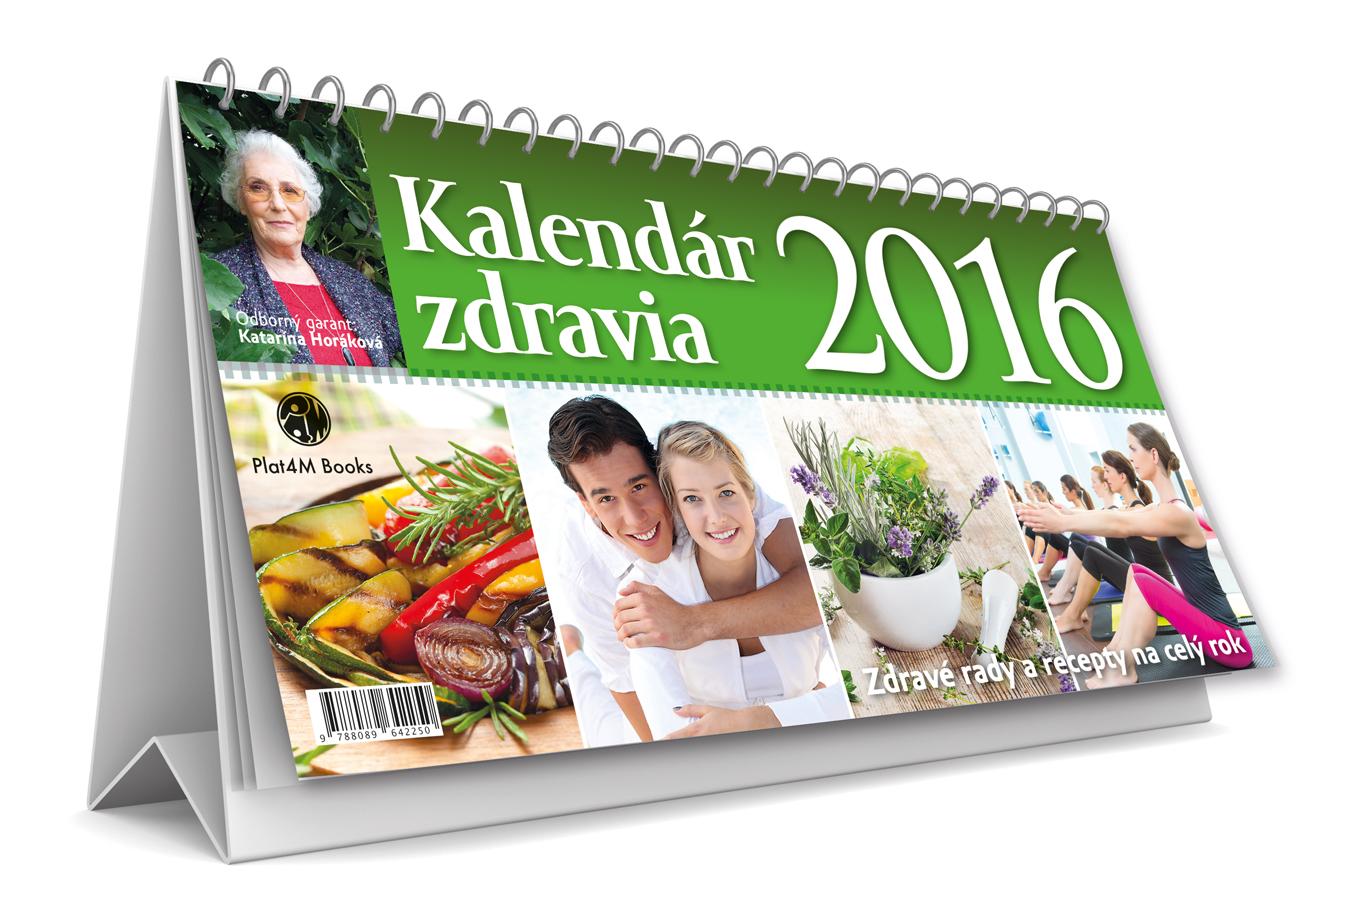 Kalendár zdravia 2016, Plat4M Books, 2015